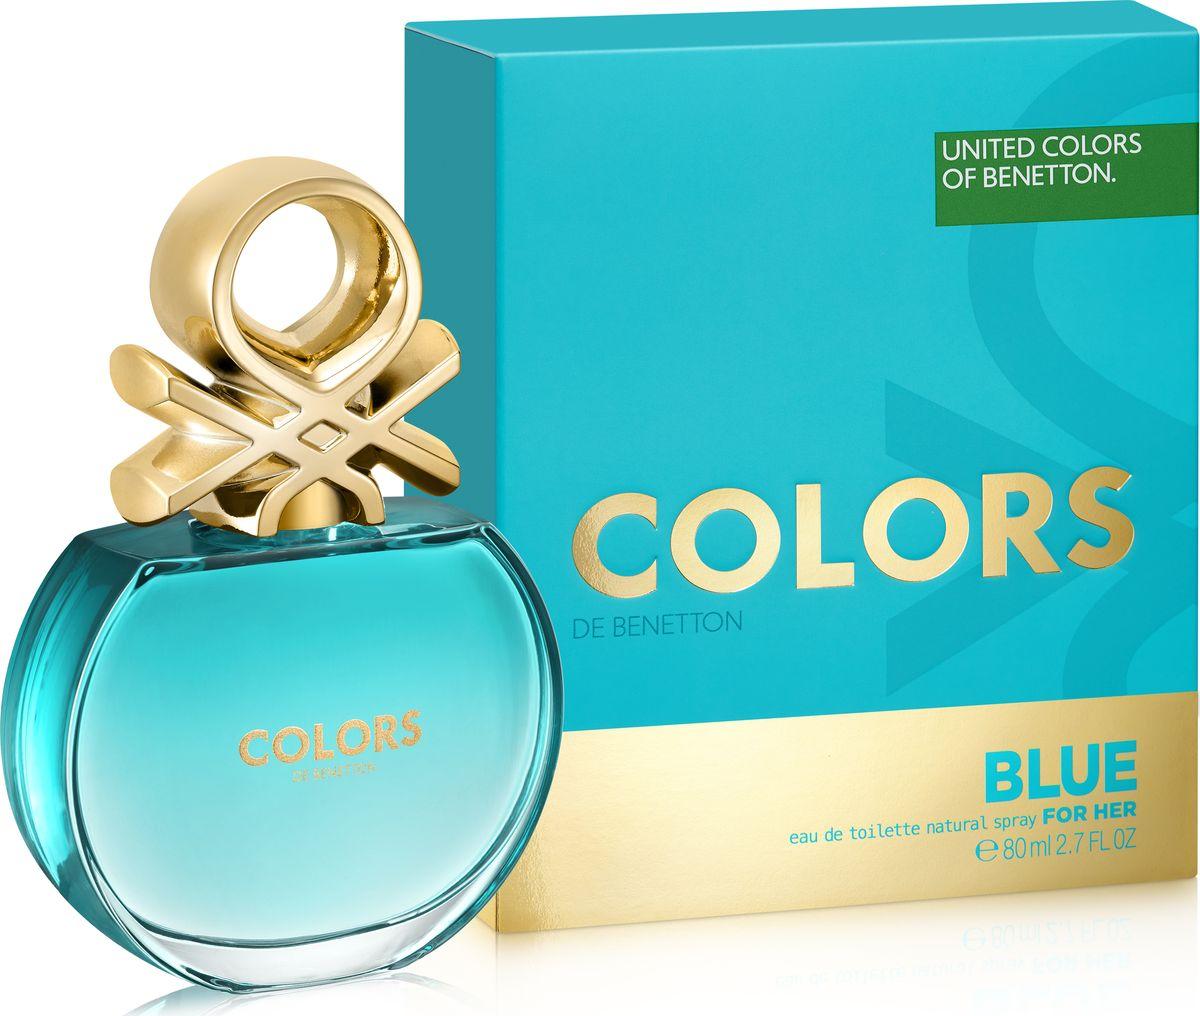 Benetton Colors Blue Туалетная вода женская 80 мл28032022Аромат в бирюзовом флаконе раскрывается яркой, искристой смесью севильского апельсина и энергичного юдзу. Женственные ноты нероли и характерные ноты чая матэ наделяют его элегантностью, подчеркнутой прозрачной фрезией. В базе чистая и чувственная свежесть бобов тонка переплетается с характером кедра и тягучестью мускуса. Аромат с индивидуальностью. Совершенно неотразимый.Верхняя нота: Севильский апельсин, Лимон, ЮдзуСредняя нота: Апельсиновый цвет, Фрезия, МатэШлейф: Тонизирующие ноты матэ с ломтиком цитрусовых. Бодрящий, яркий, живойНанести на кожу, избегая попадания в глаза.